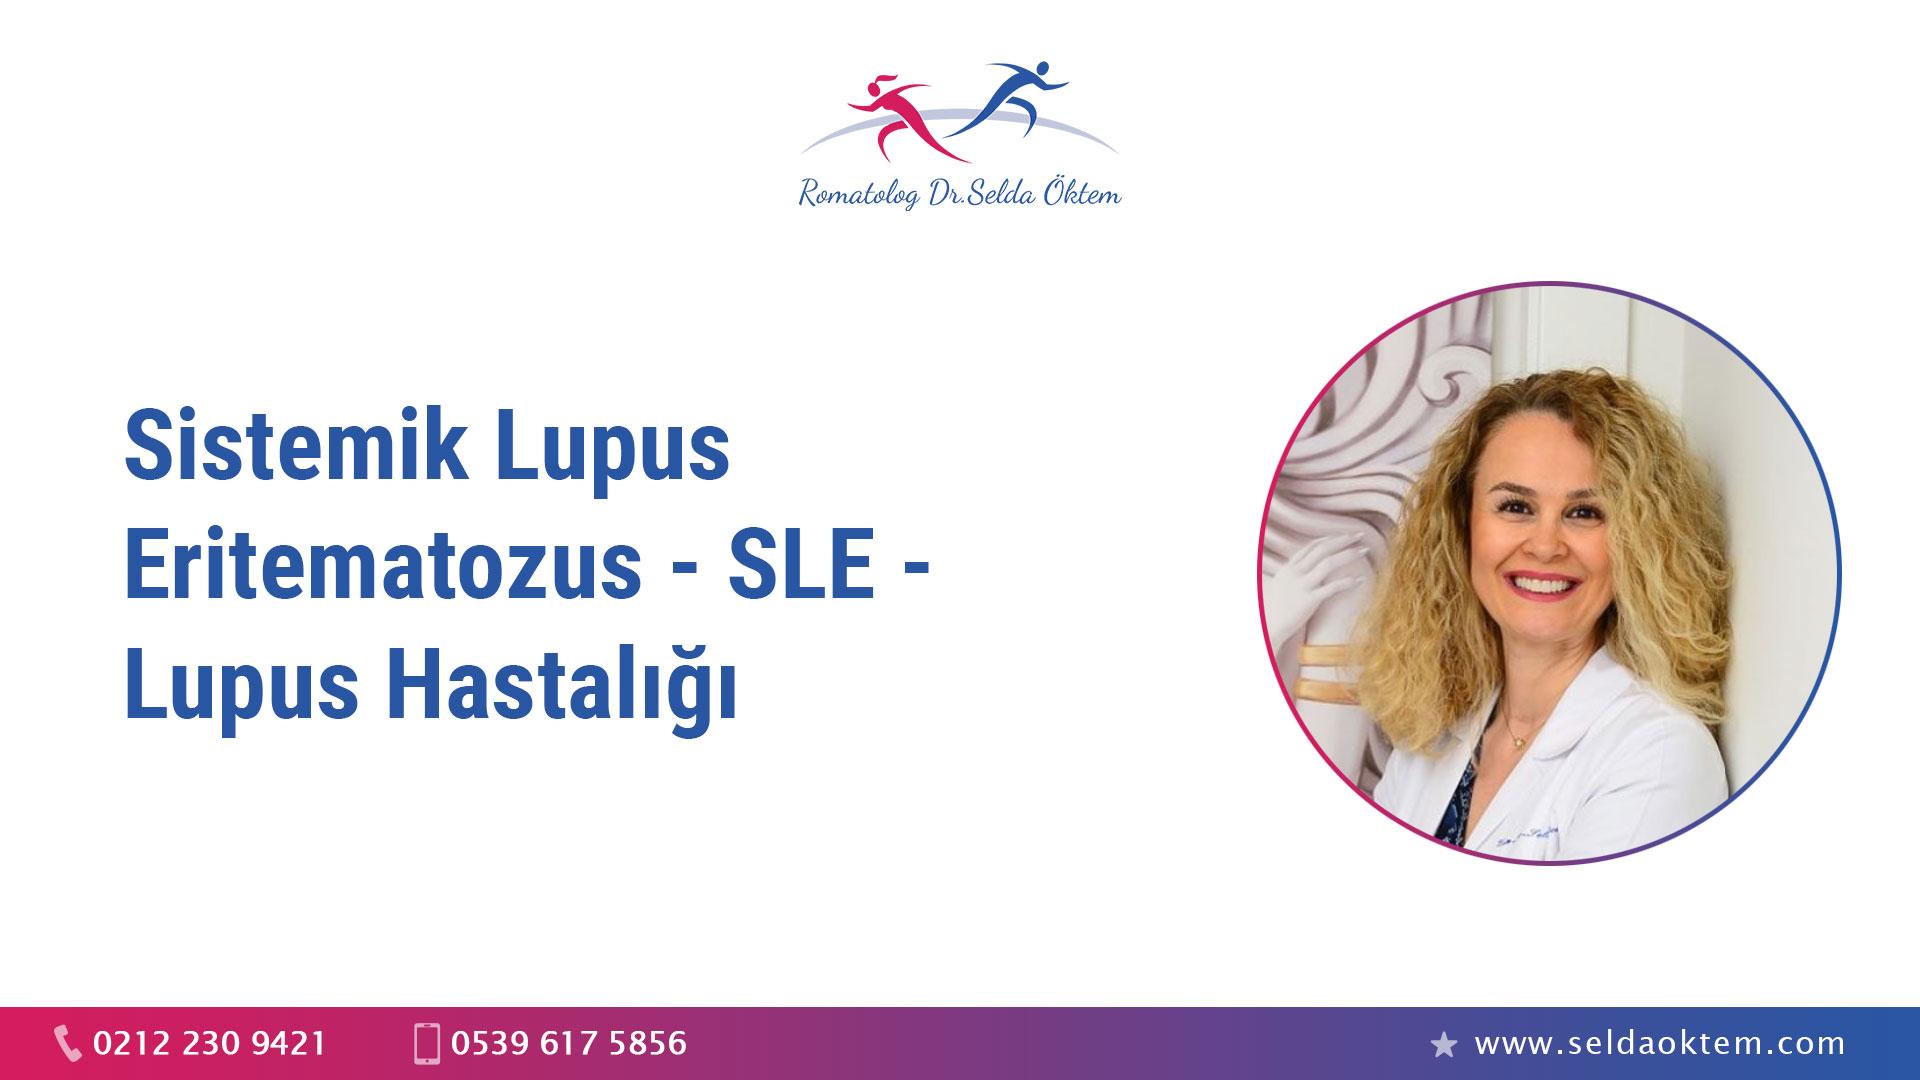 Sistemik Lupus Eritematozus - SLE - Lupus Hastalığı